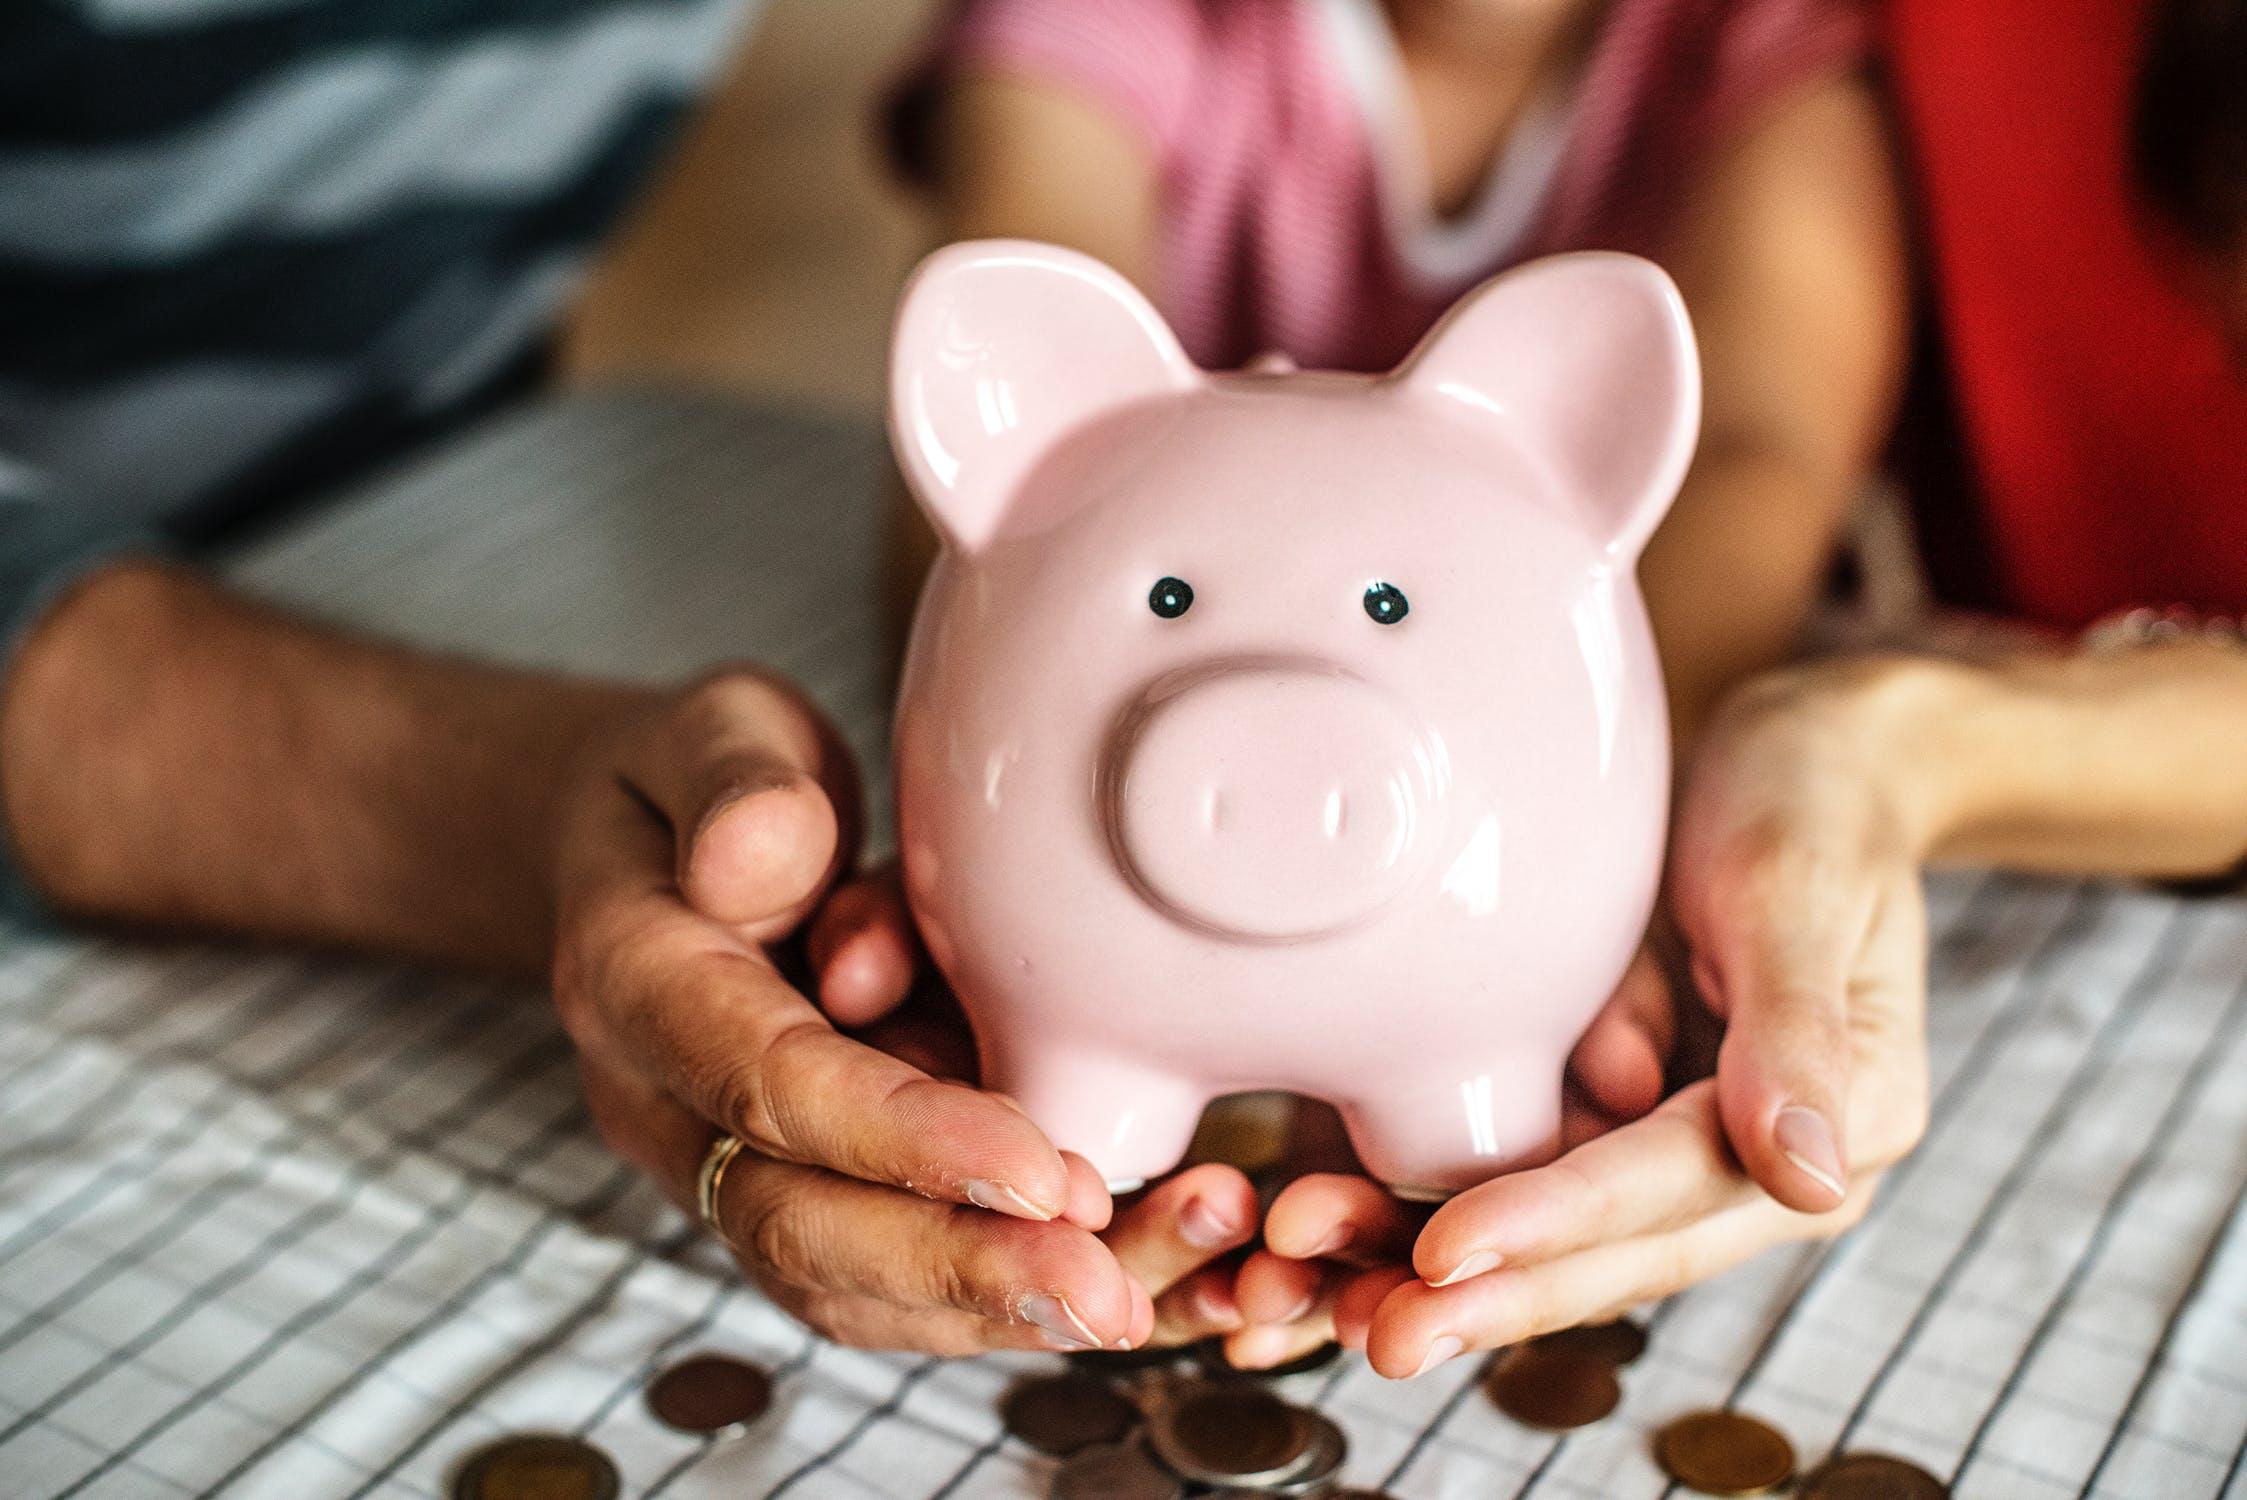 kā jūs varat nopelnīt naudu no mājām